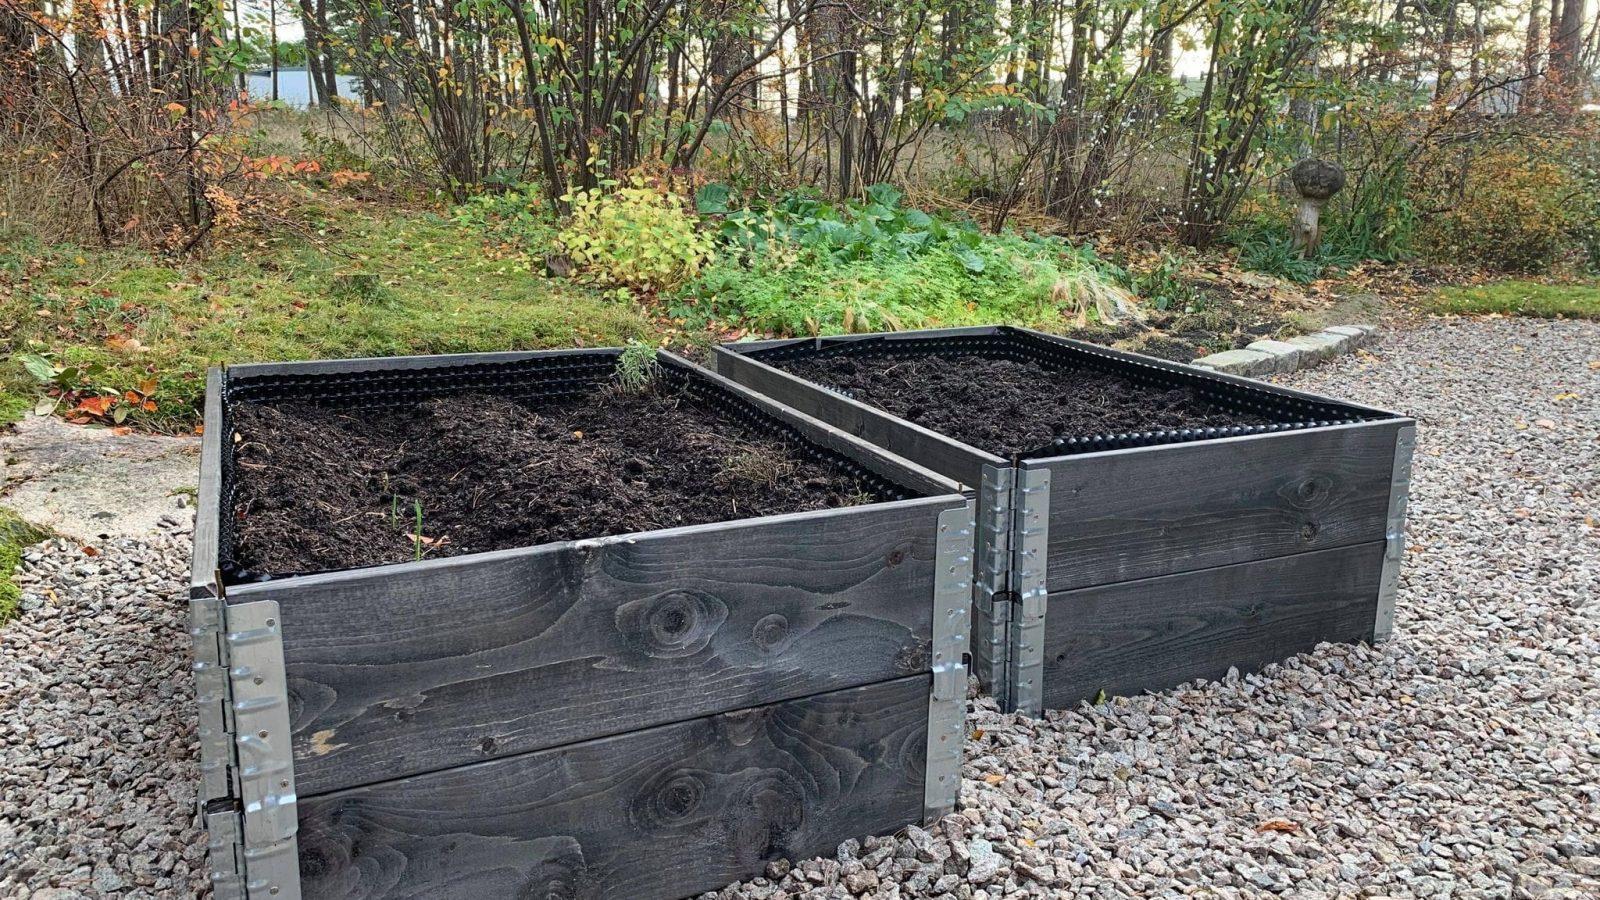 6 ting du trenger for å lage kjøkkenhage i pallekarmer - her er to pallekarmer klare til planting